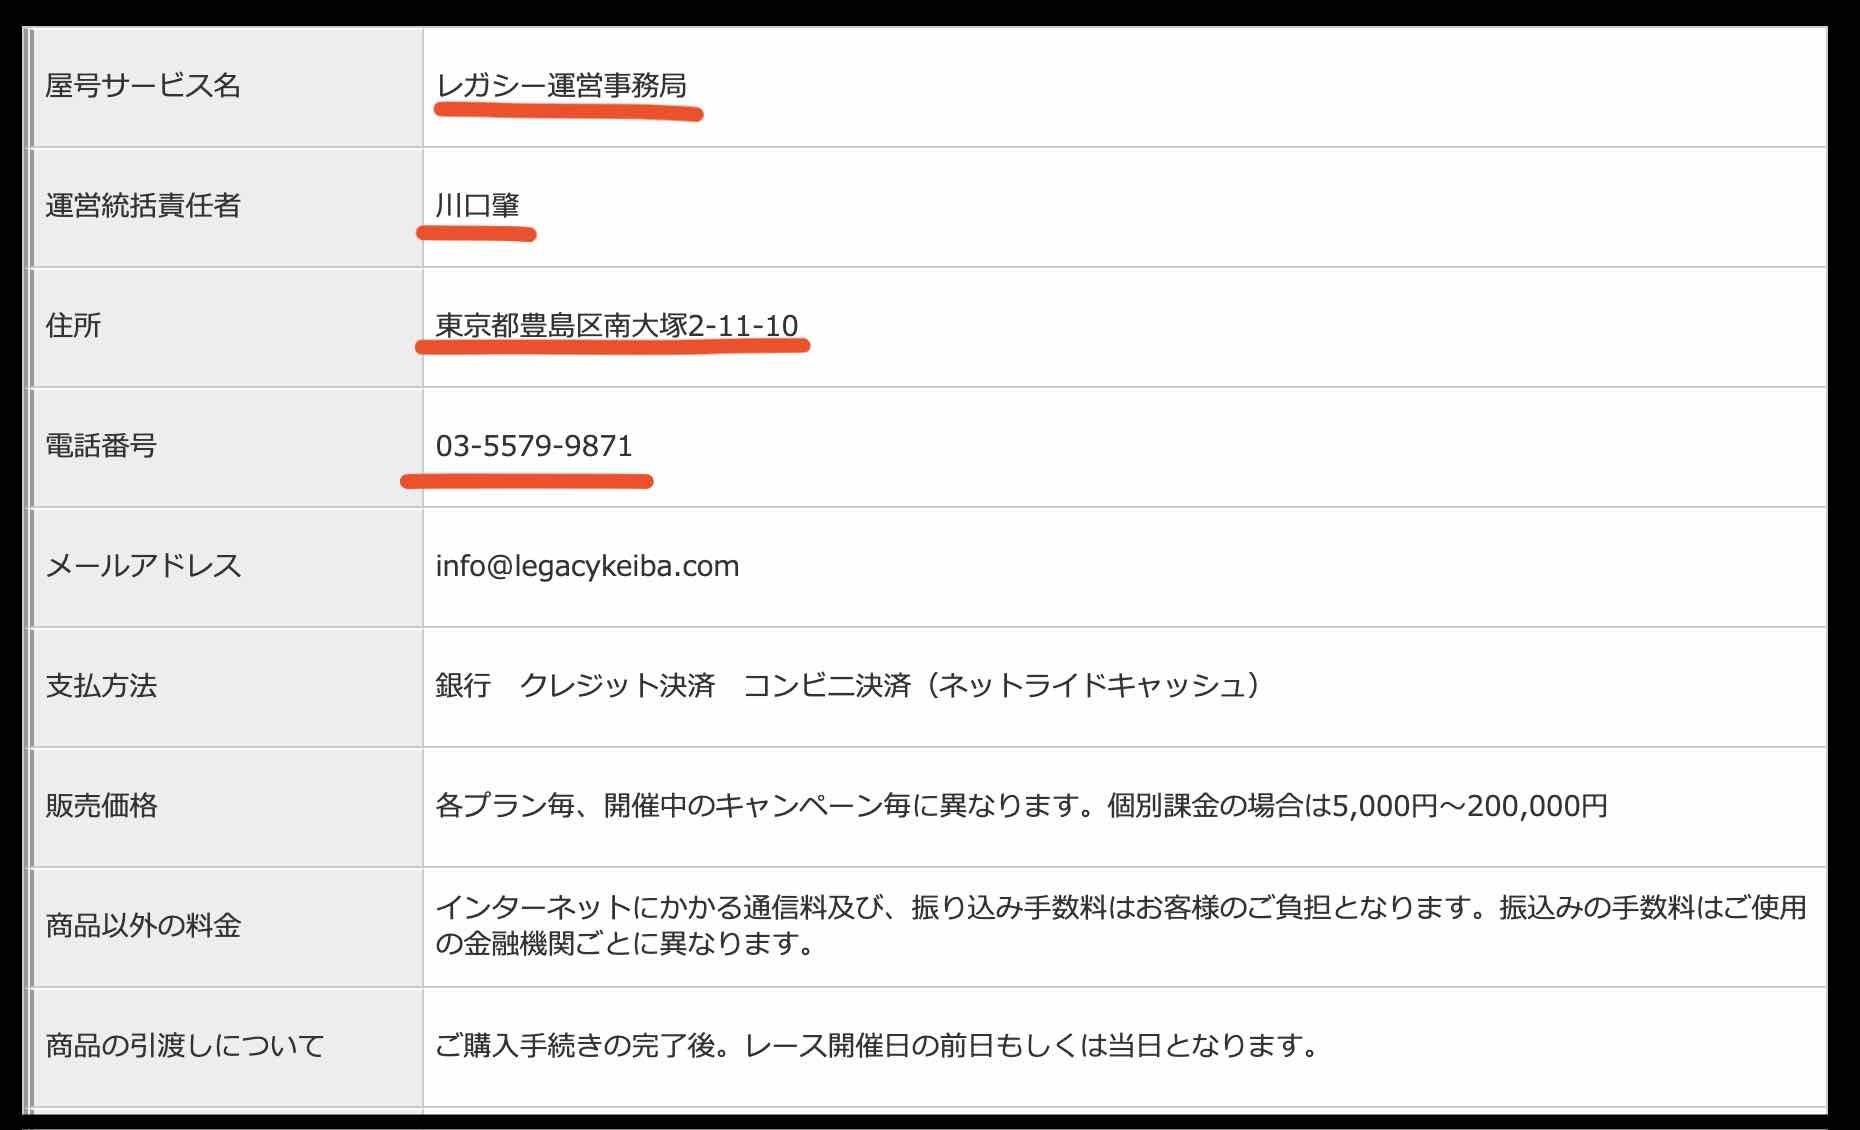 レガシー(LEGACY)という競馬予想サイトのの運営会社情報